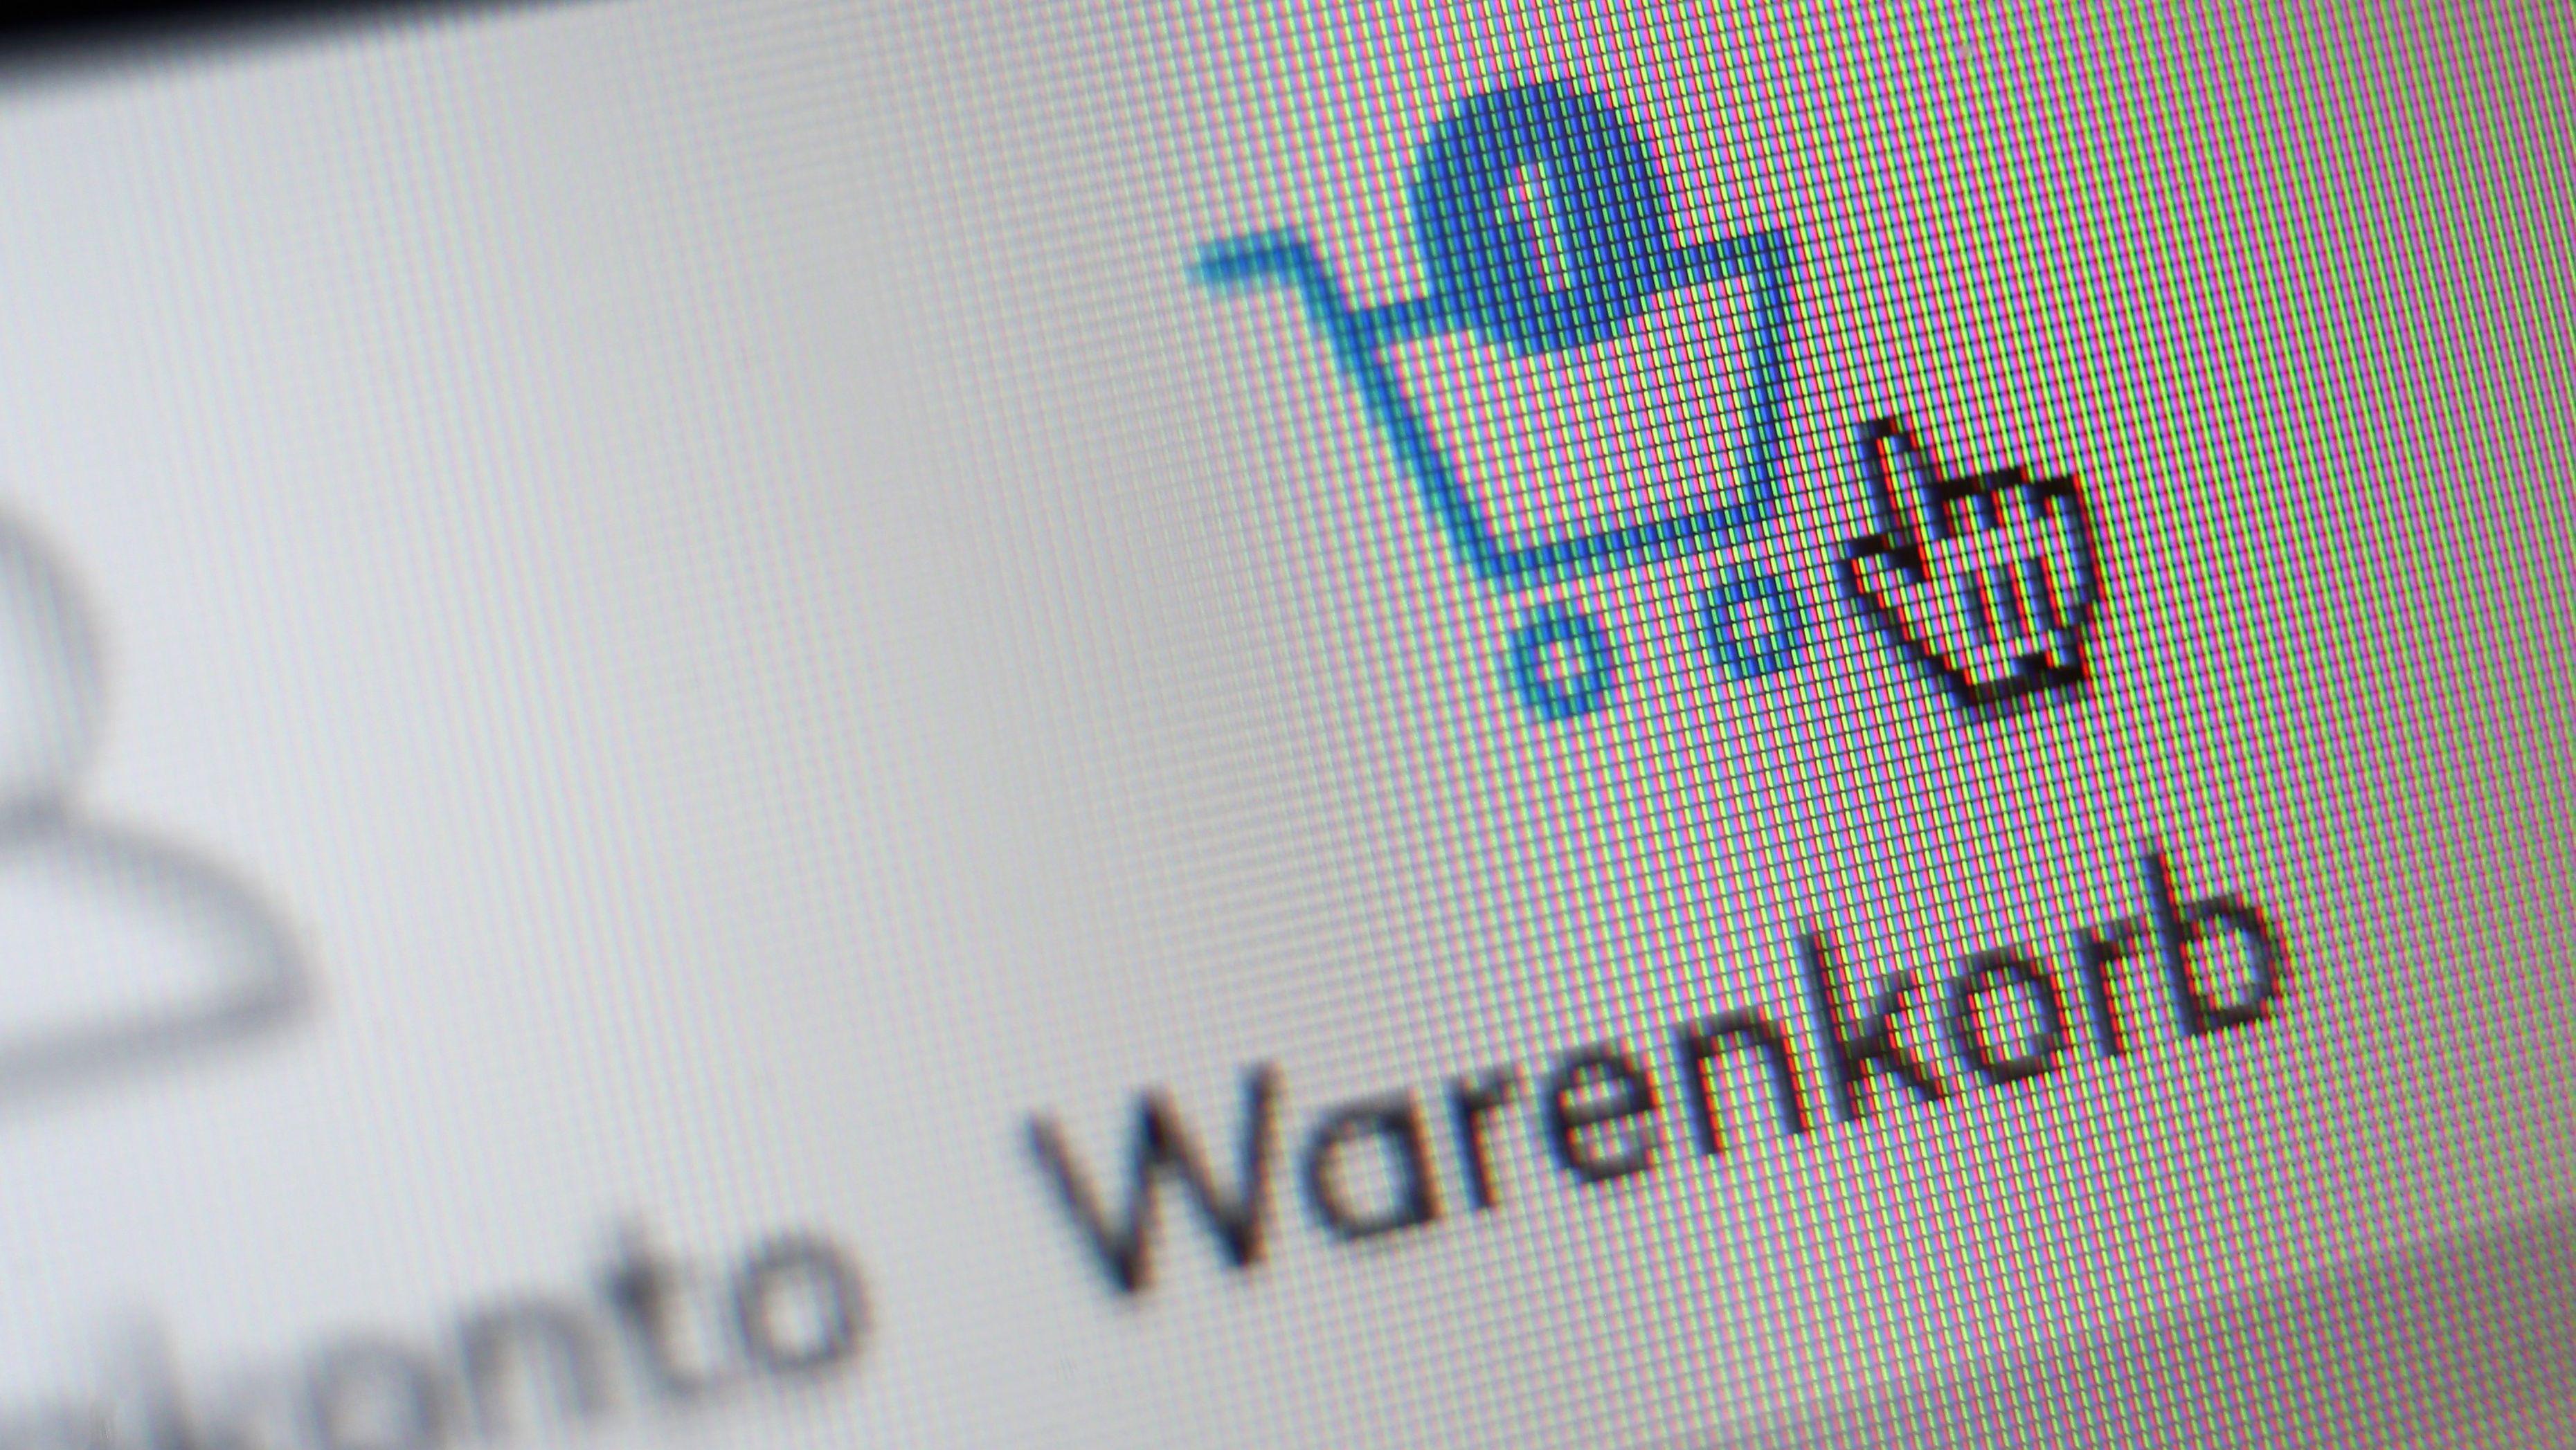 Symbolbild eines Einkaufswagens in einem Internet-Shop